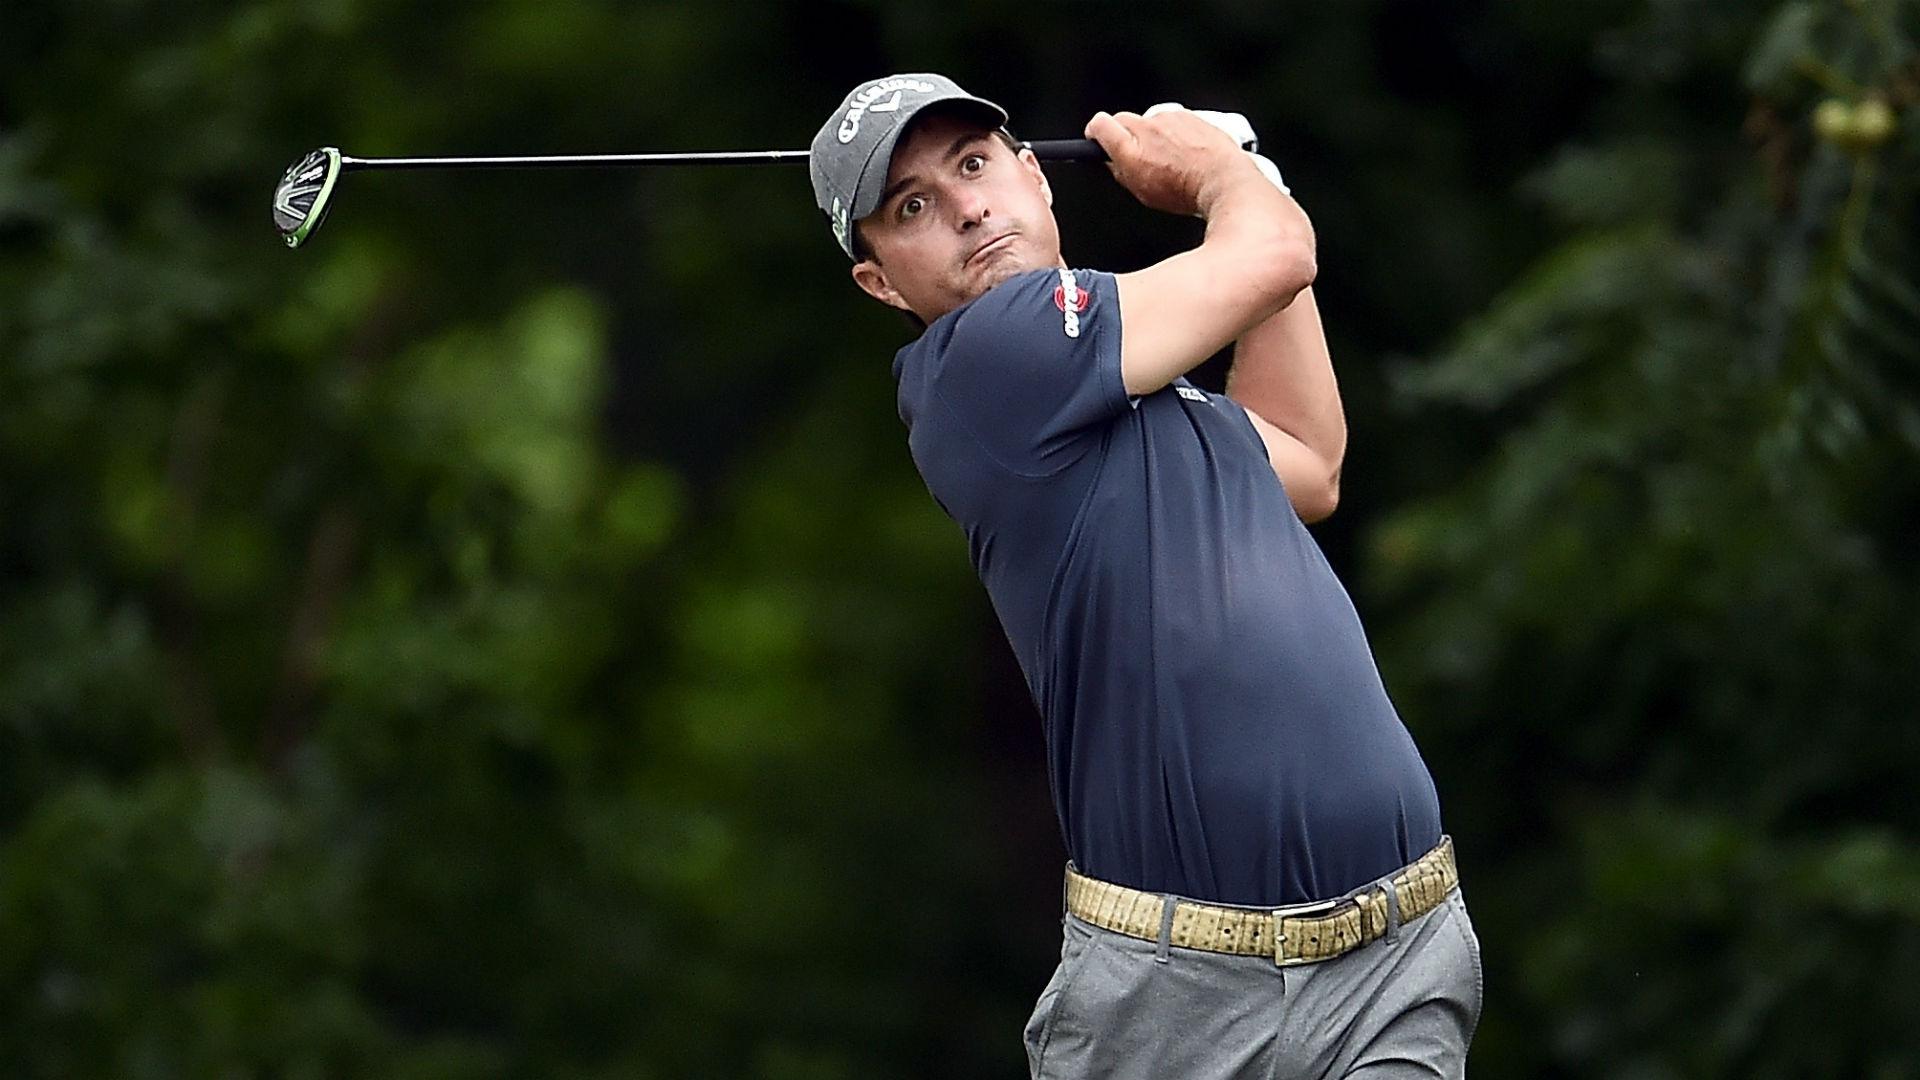 Kevin Kisner wins second career PGA Tour event at Dean & Deluca Invitational